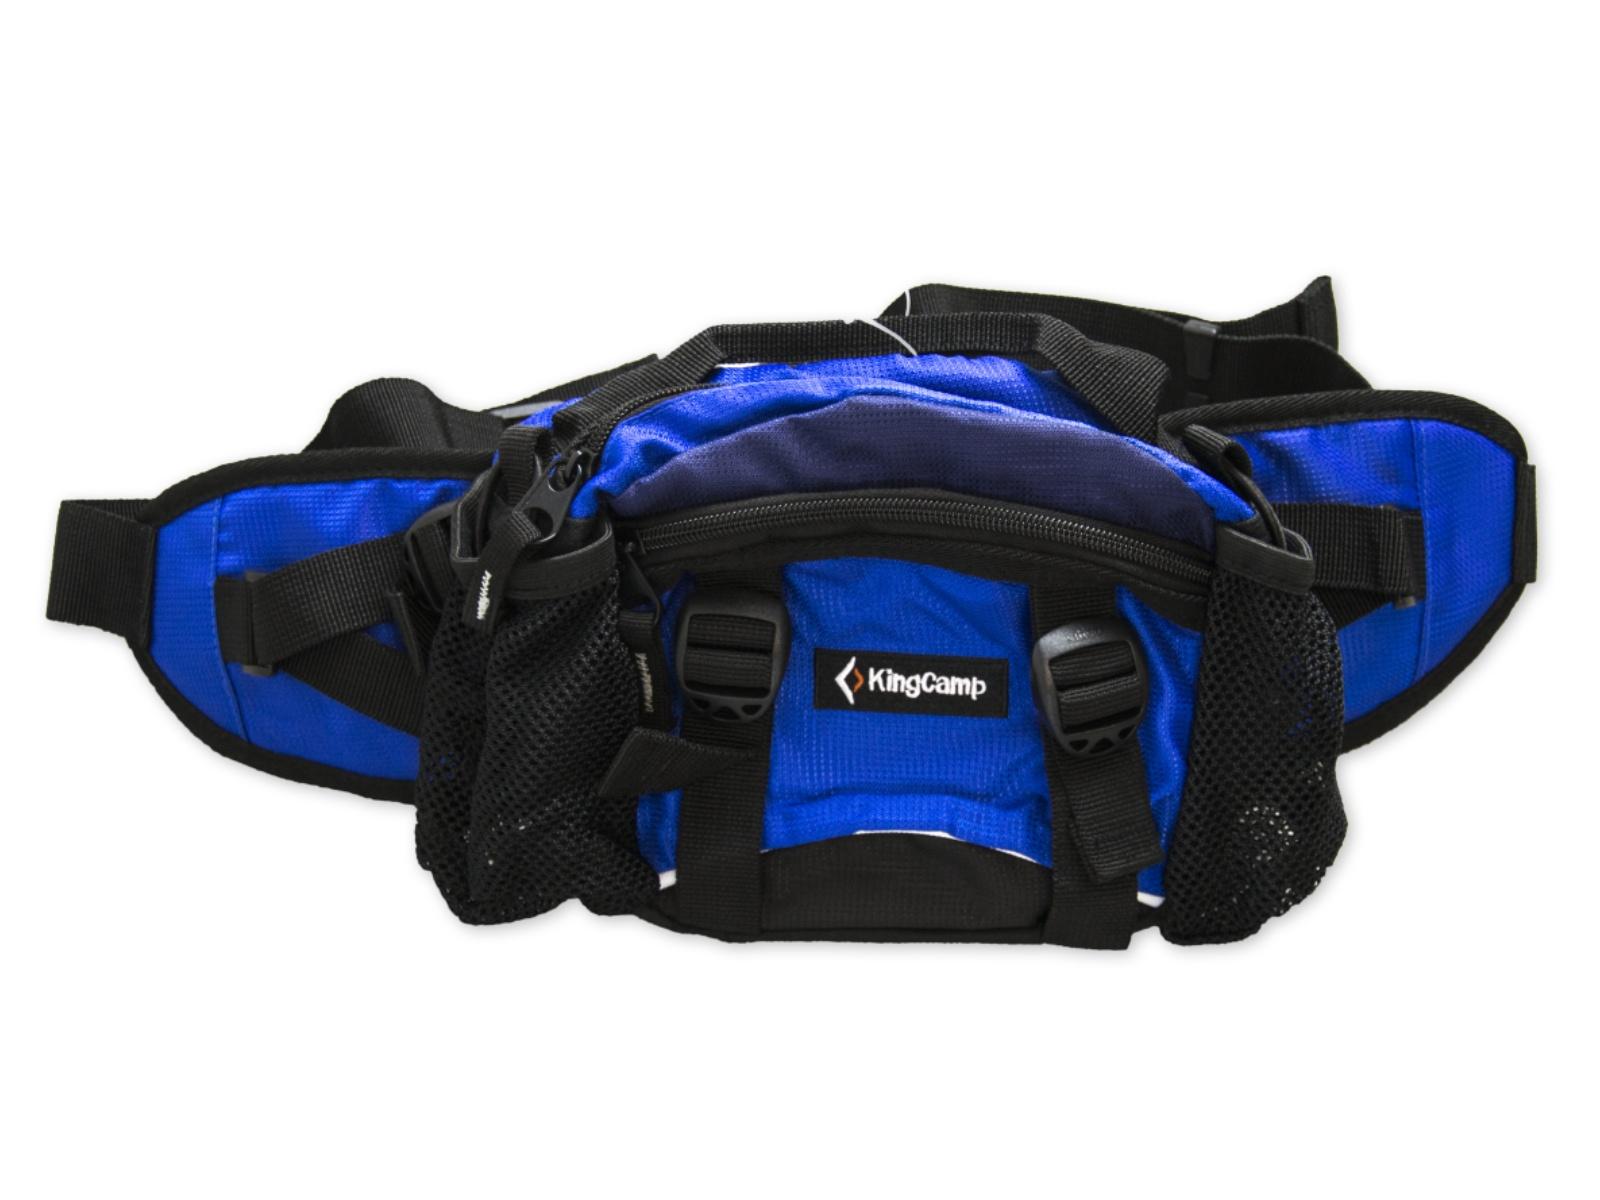 f885d7d038cef Plecak King Camp Fish Bag - niebieski